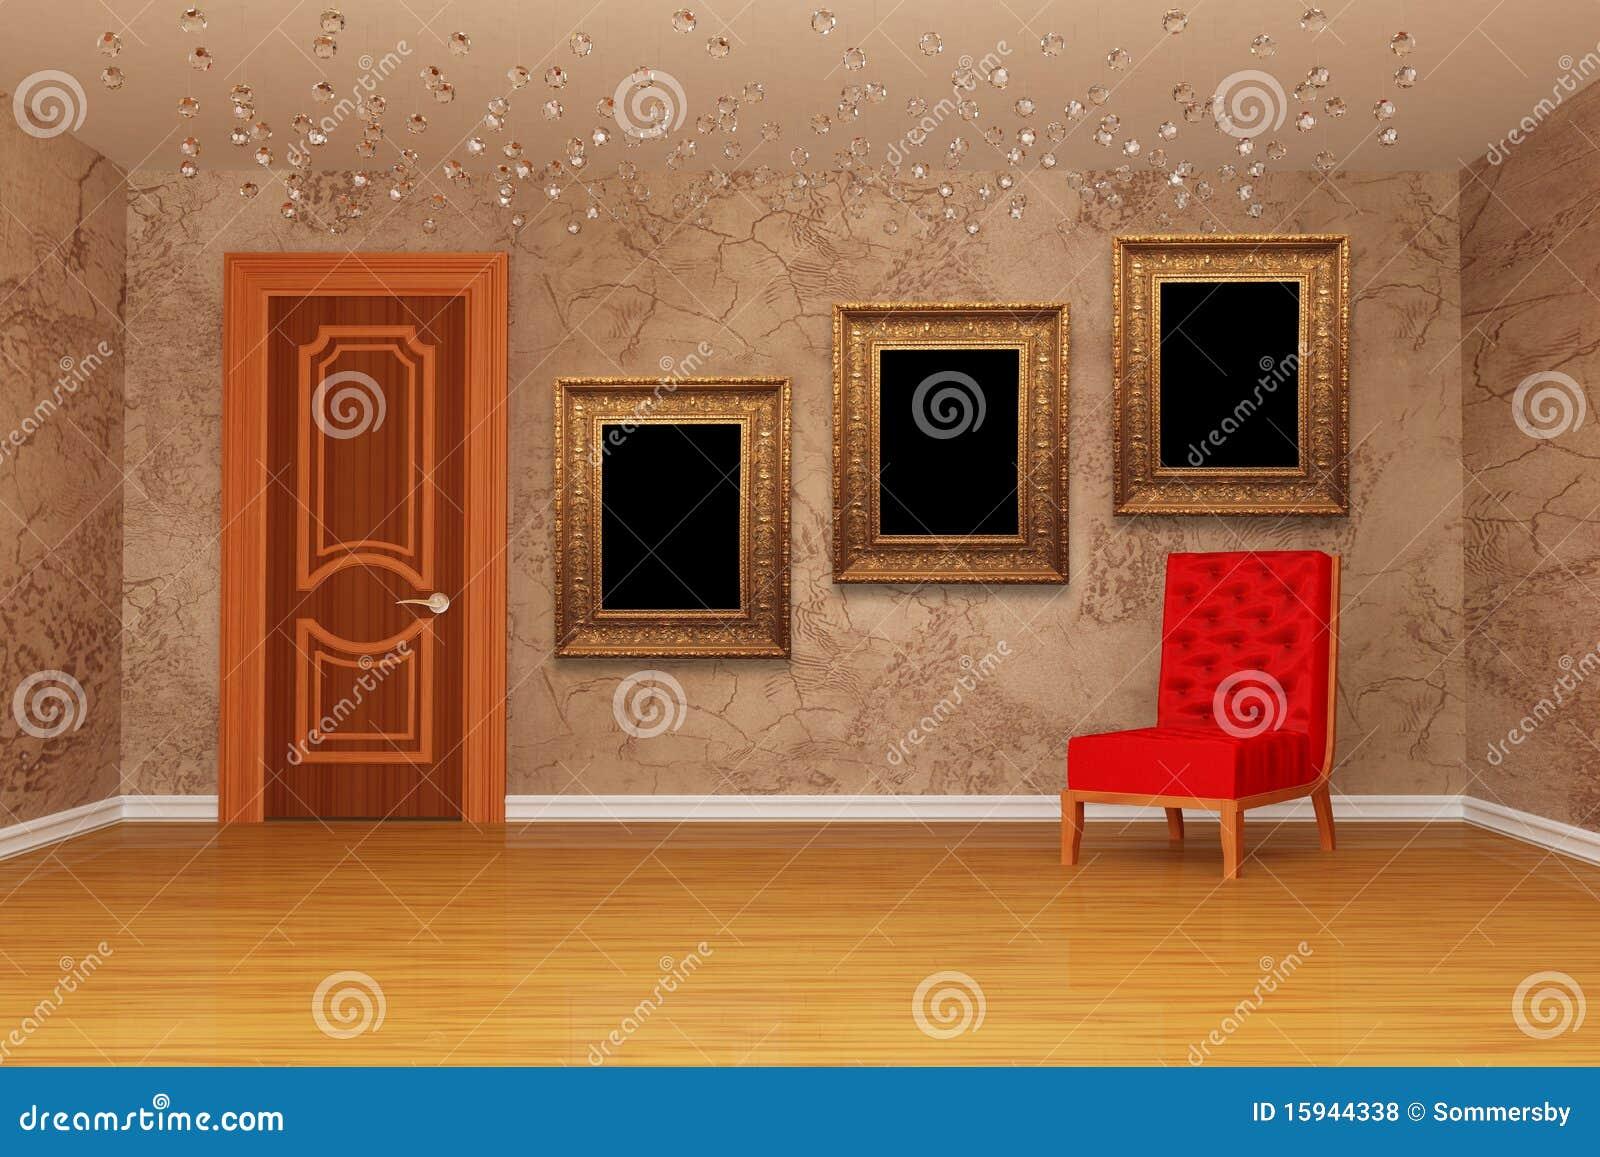 Leerer Raum Mit Tür, Rotem Stuhl Und Feldern Stock Abbildung ...